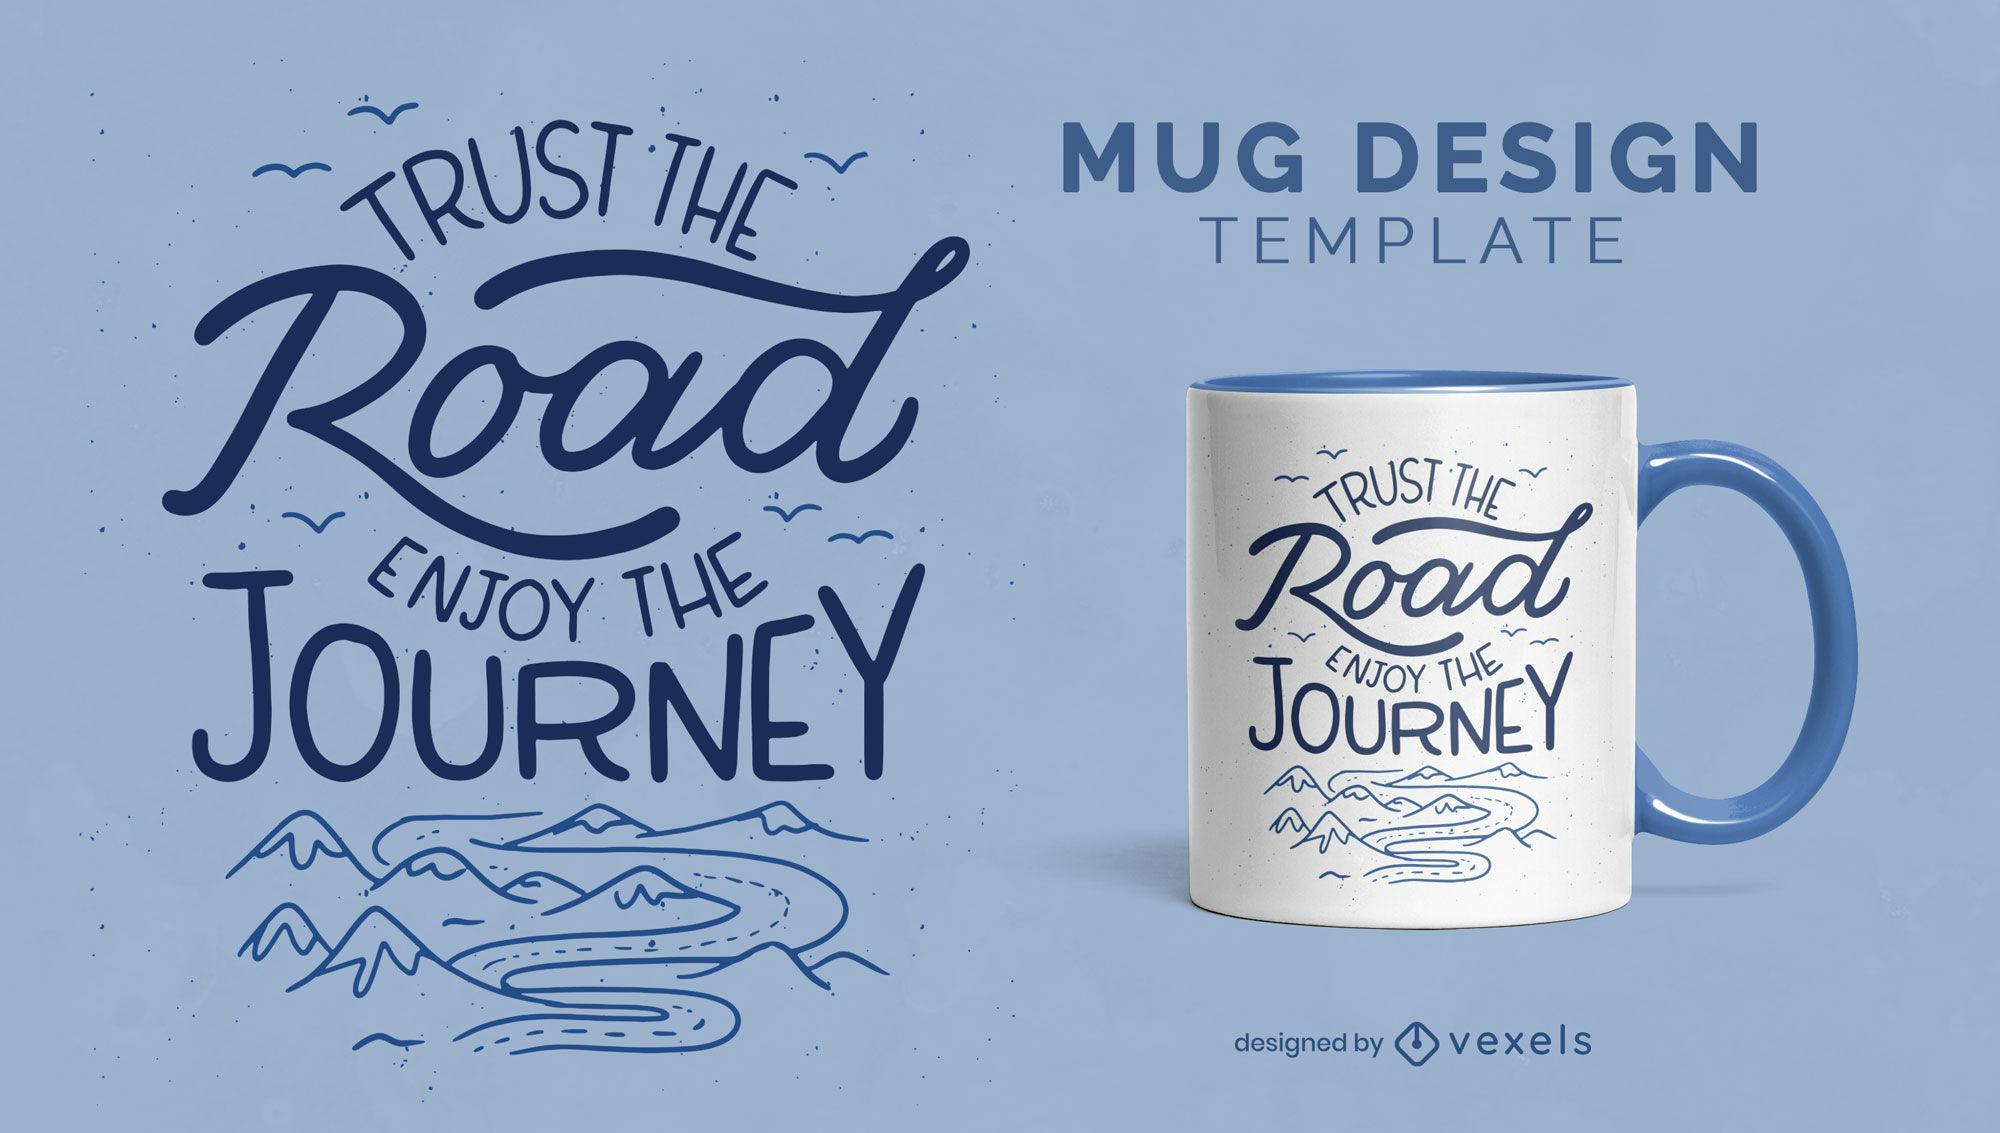 Enjoy the journey lettering mug design template